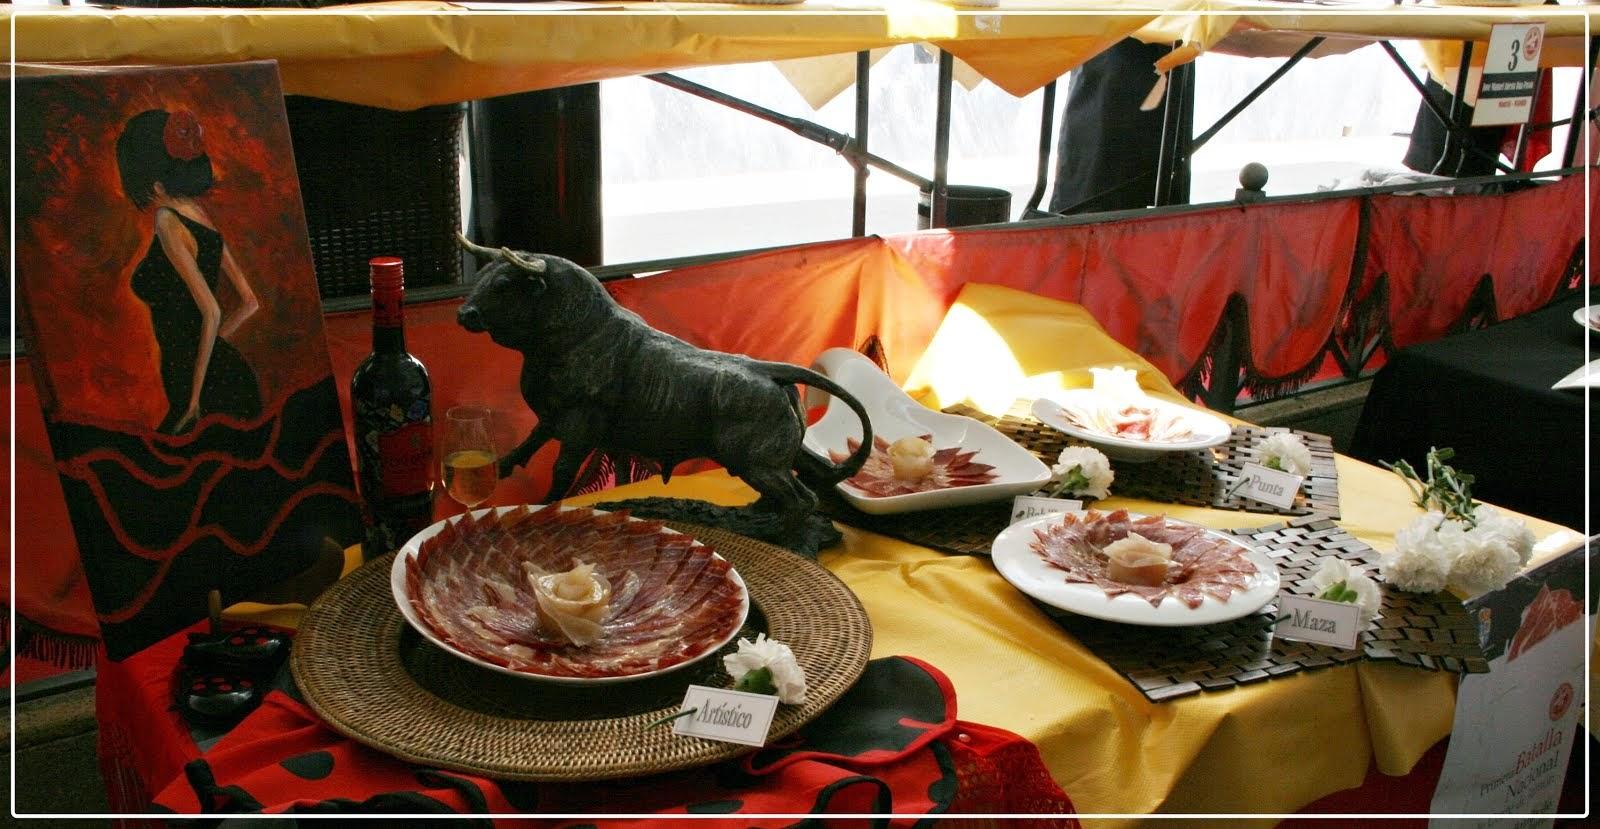 Premio al mejor plato artístico. La Albuera. Badajoz. 16.05.15